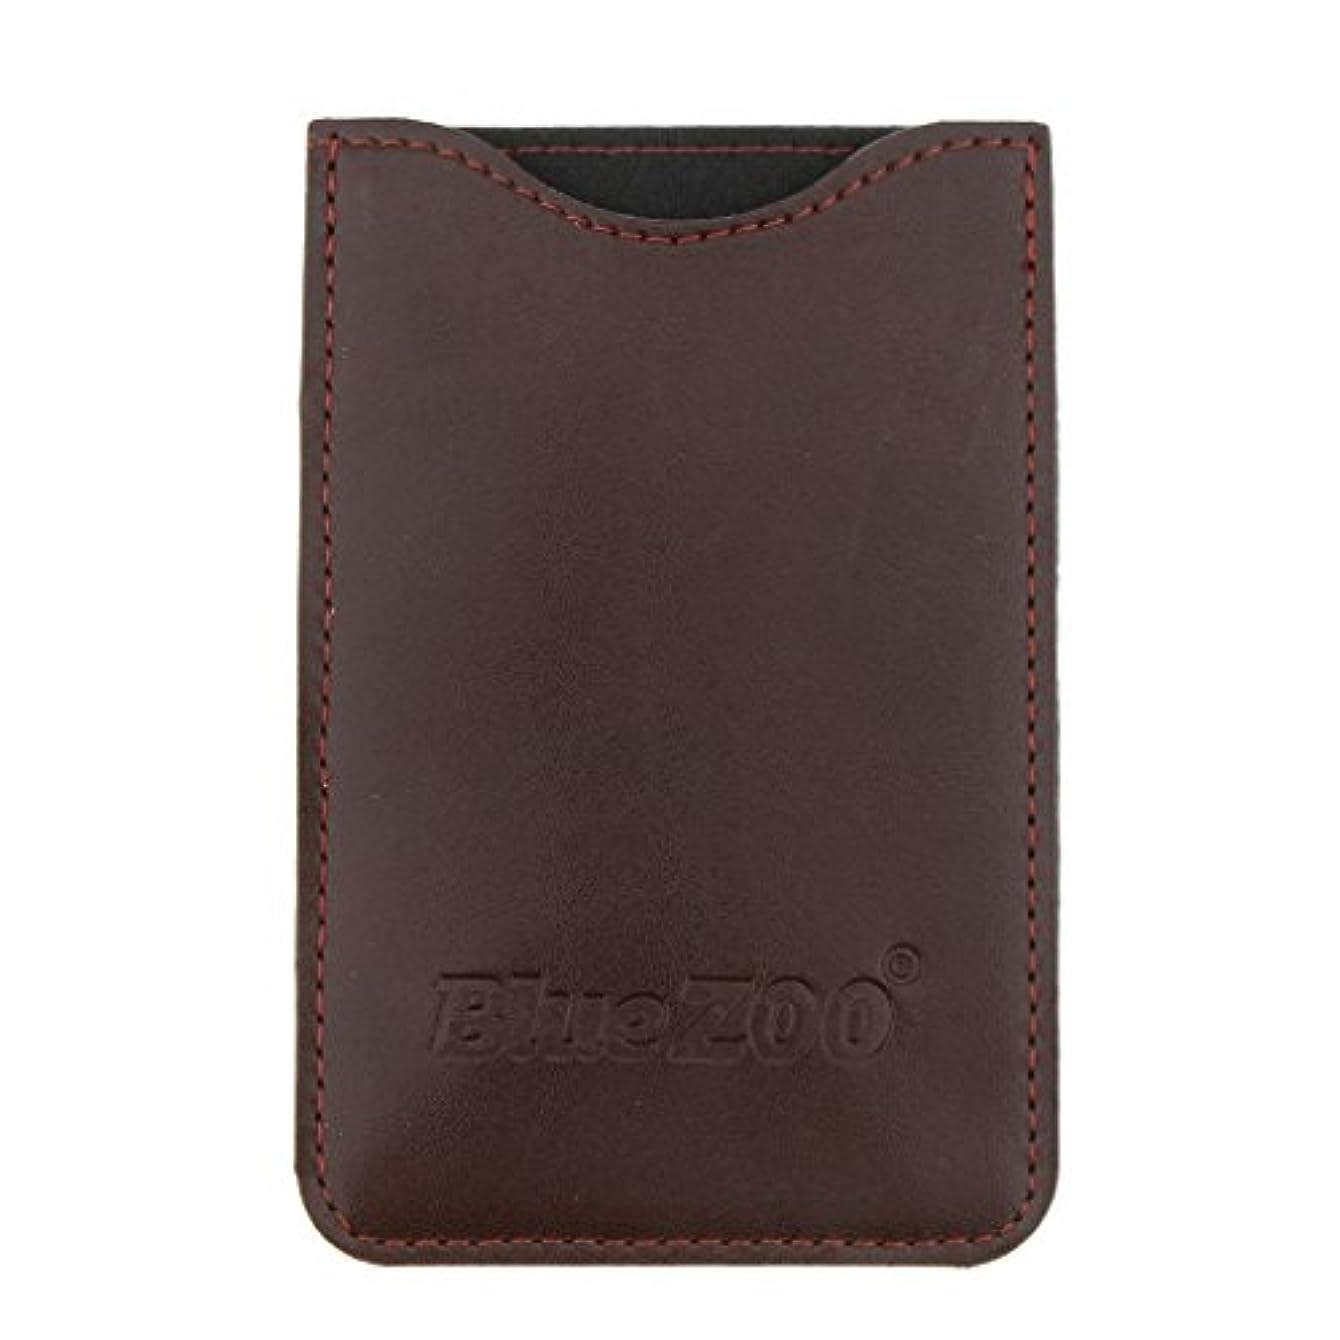 良心的経験ファブリックKesoto コームバッグ 収納ケース 収納パック 保護カバー PUレザー 櫛/ヘアブラシ/名刺/IDカード/銀行カード バッグ オーガナイザー 全2色  - 褐色